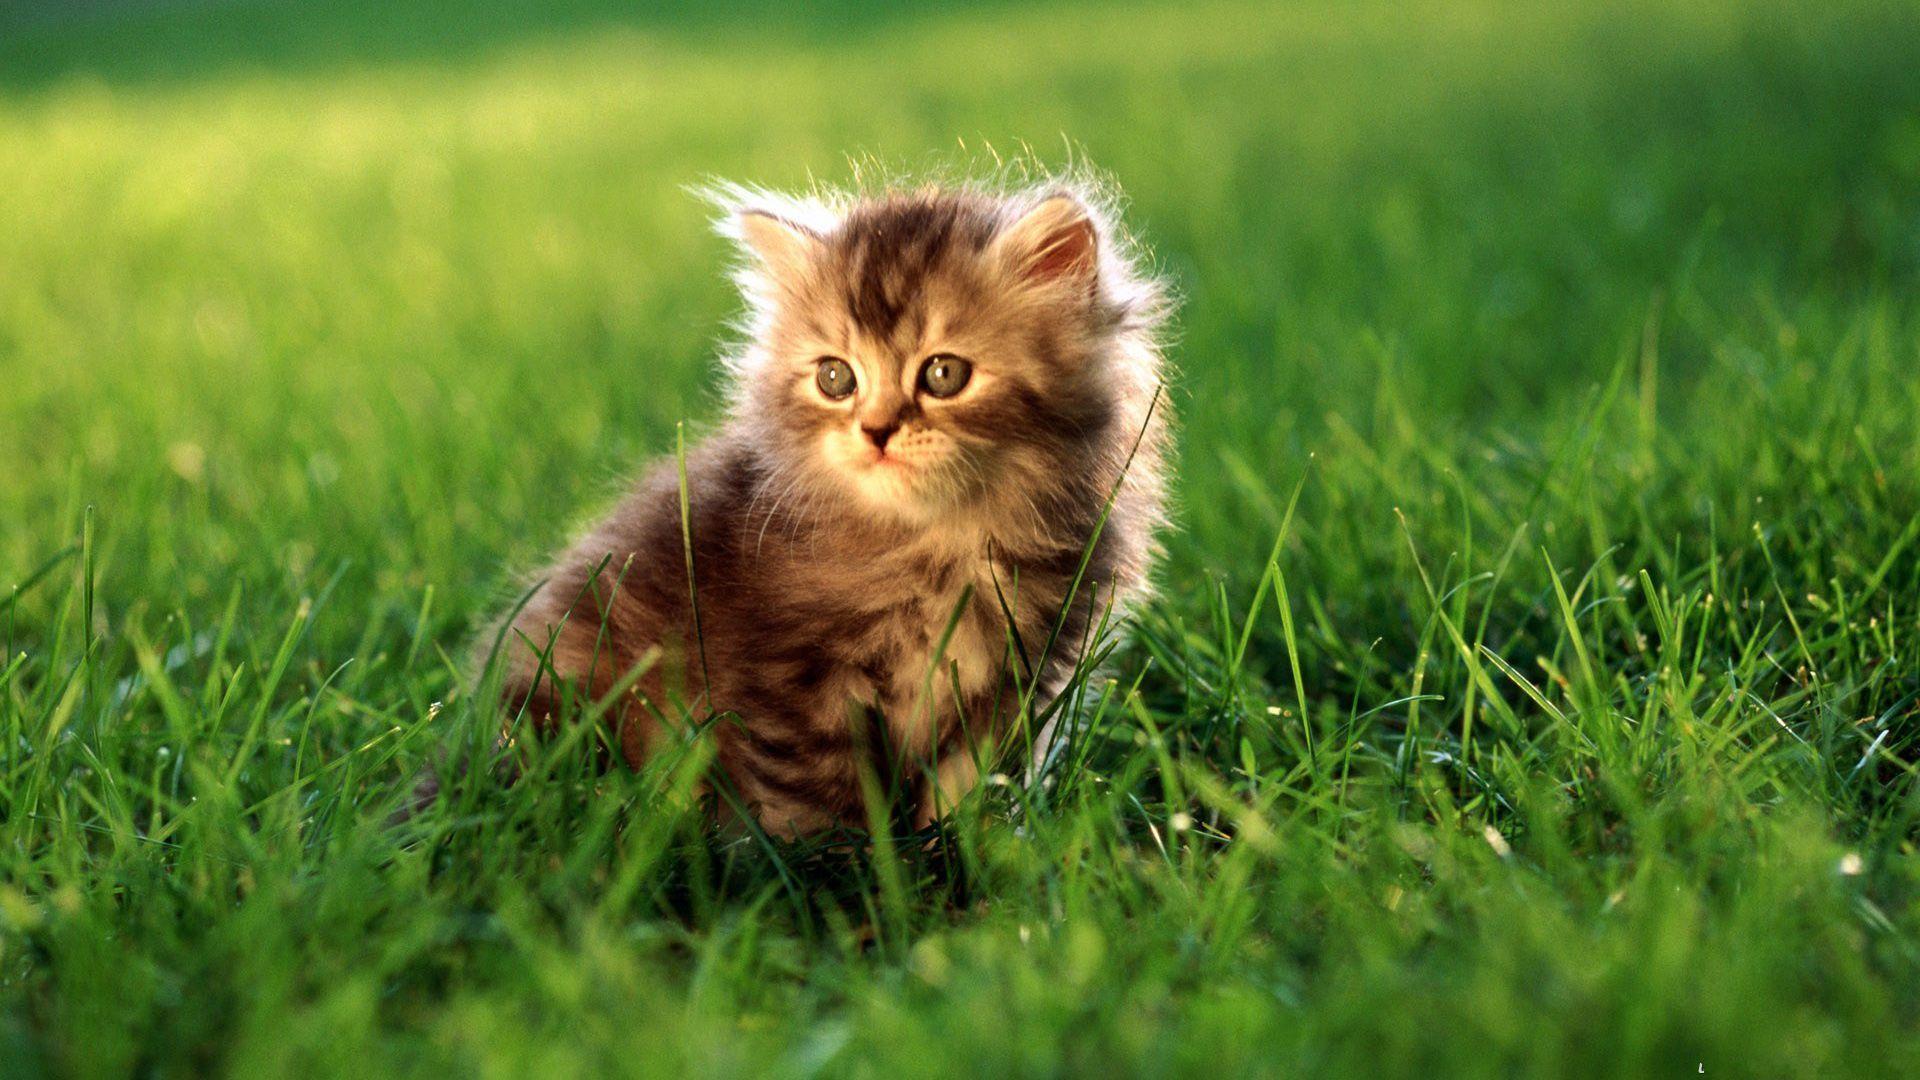 природа животное котенок кот  № 1981123 бесплатно